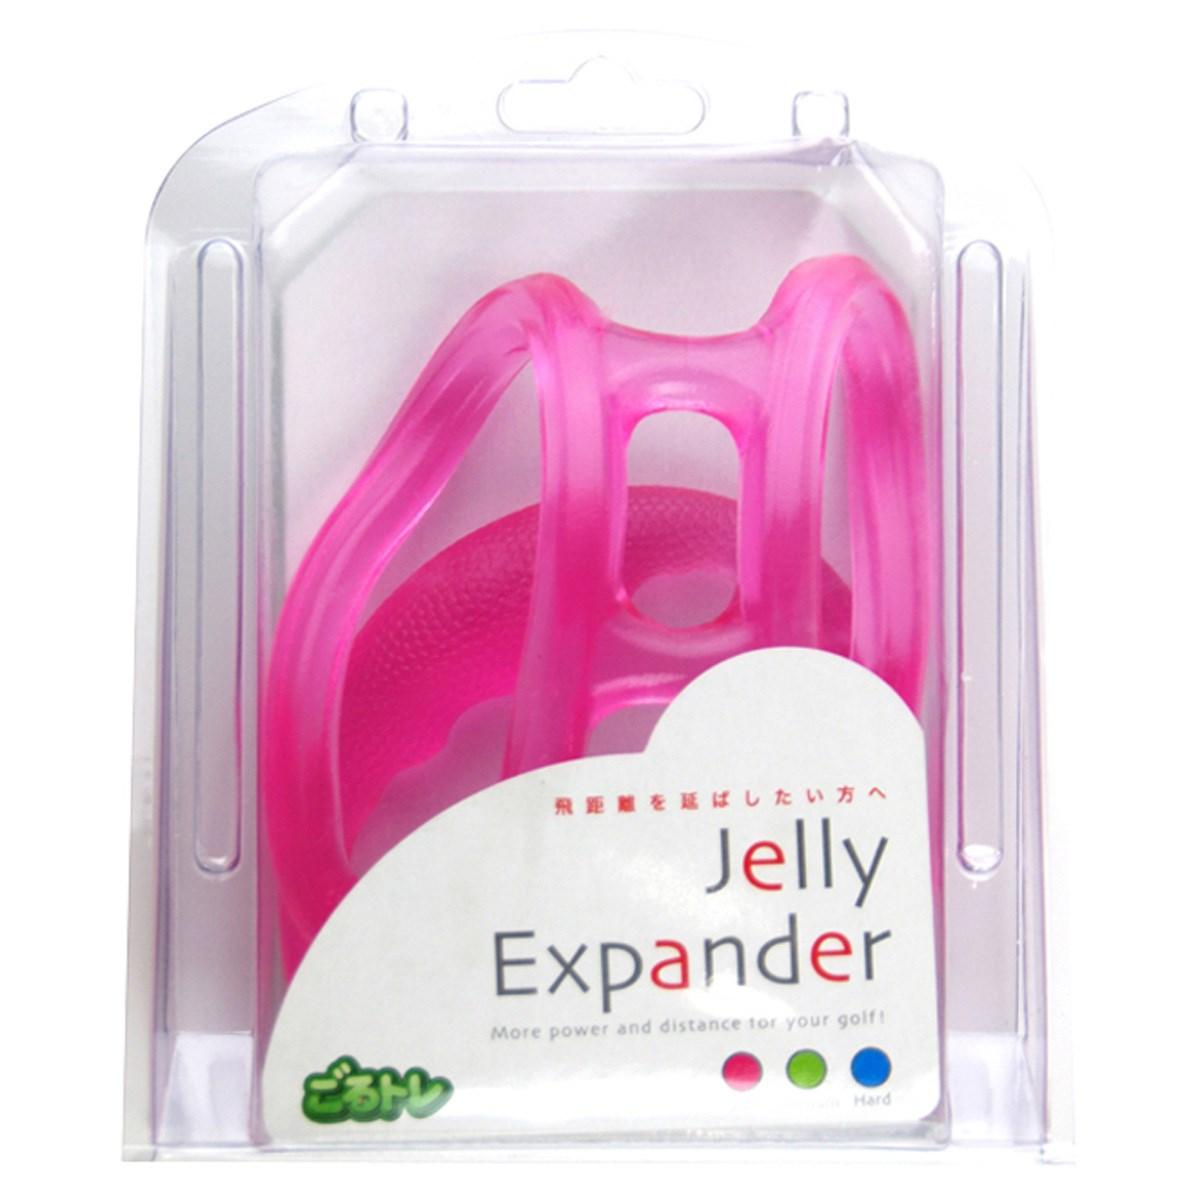 ごるトレ ジェリーエキスパンダー ストレッチ器具 ソフト ピンク